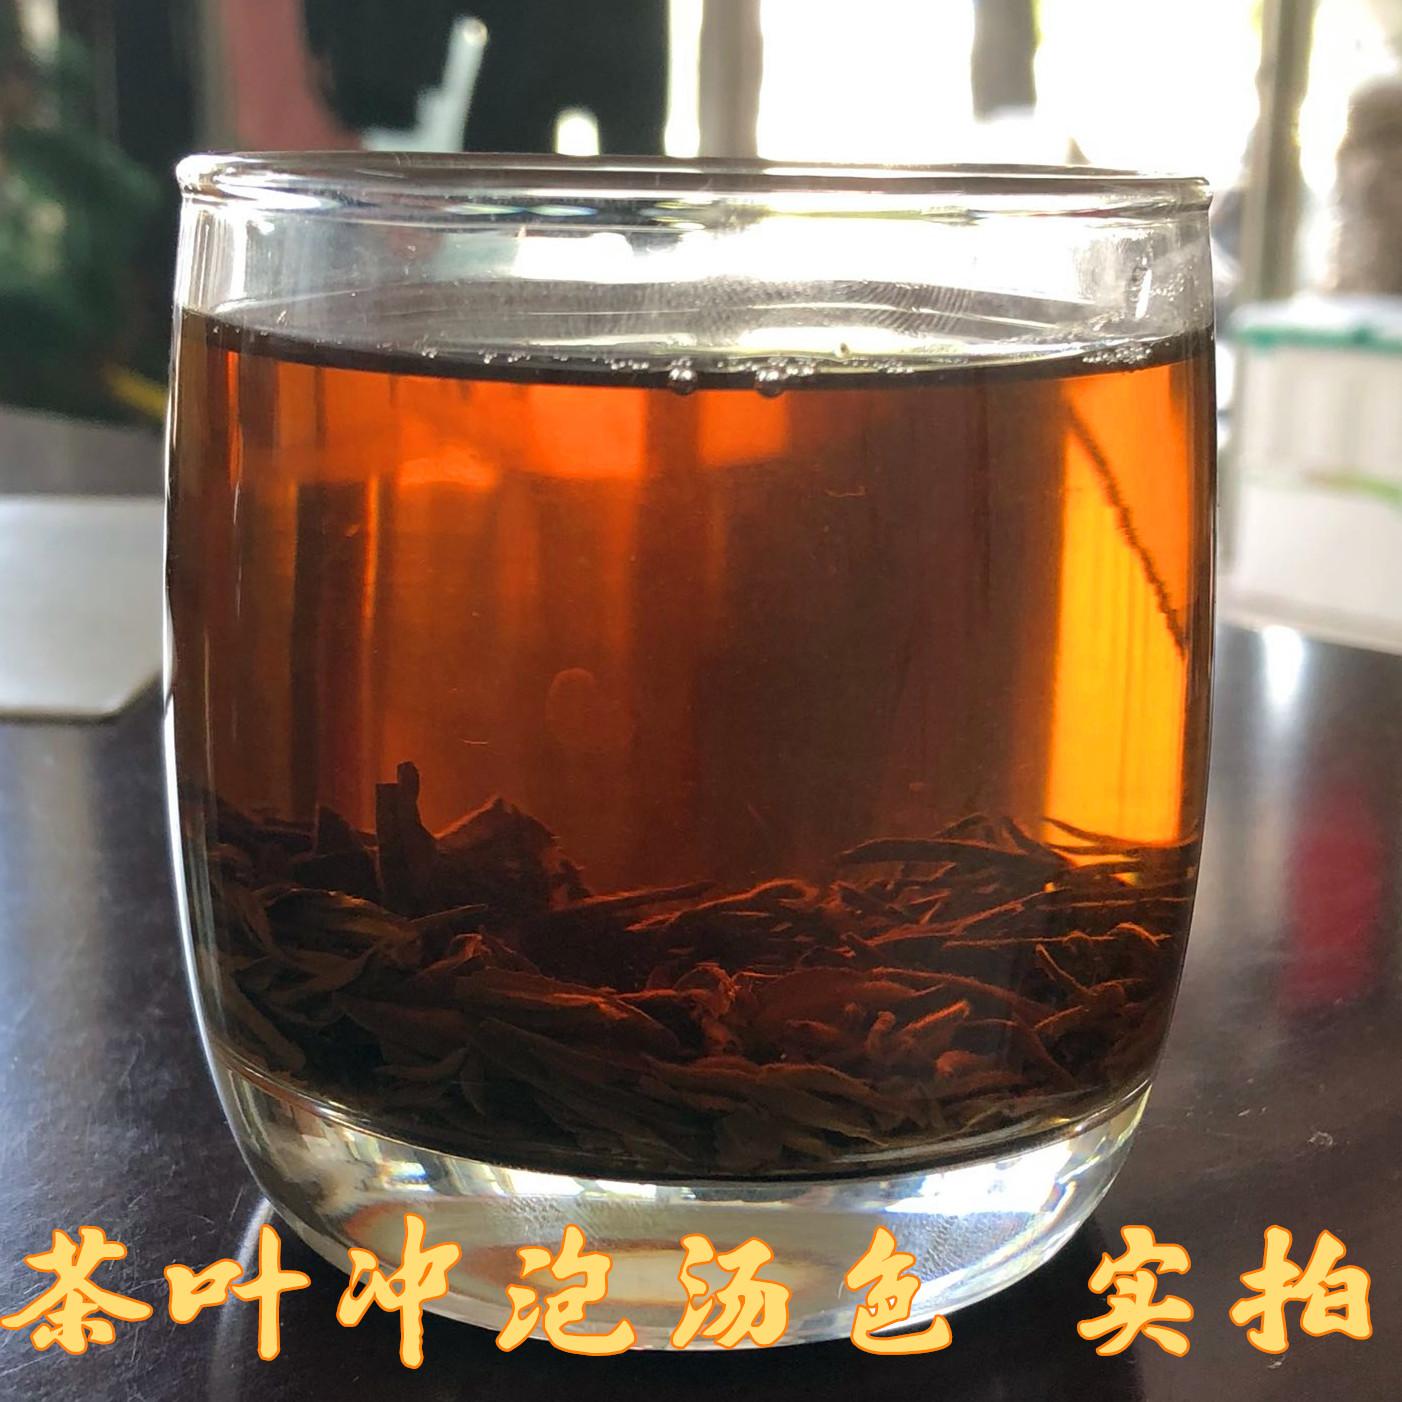 包邮 500g 新茶早春茶明前茶宜兴红茶茶叶新茶春茶红茶茶叶散装 2018